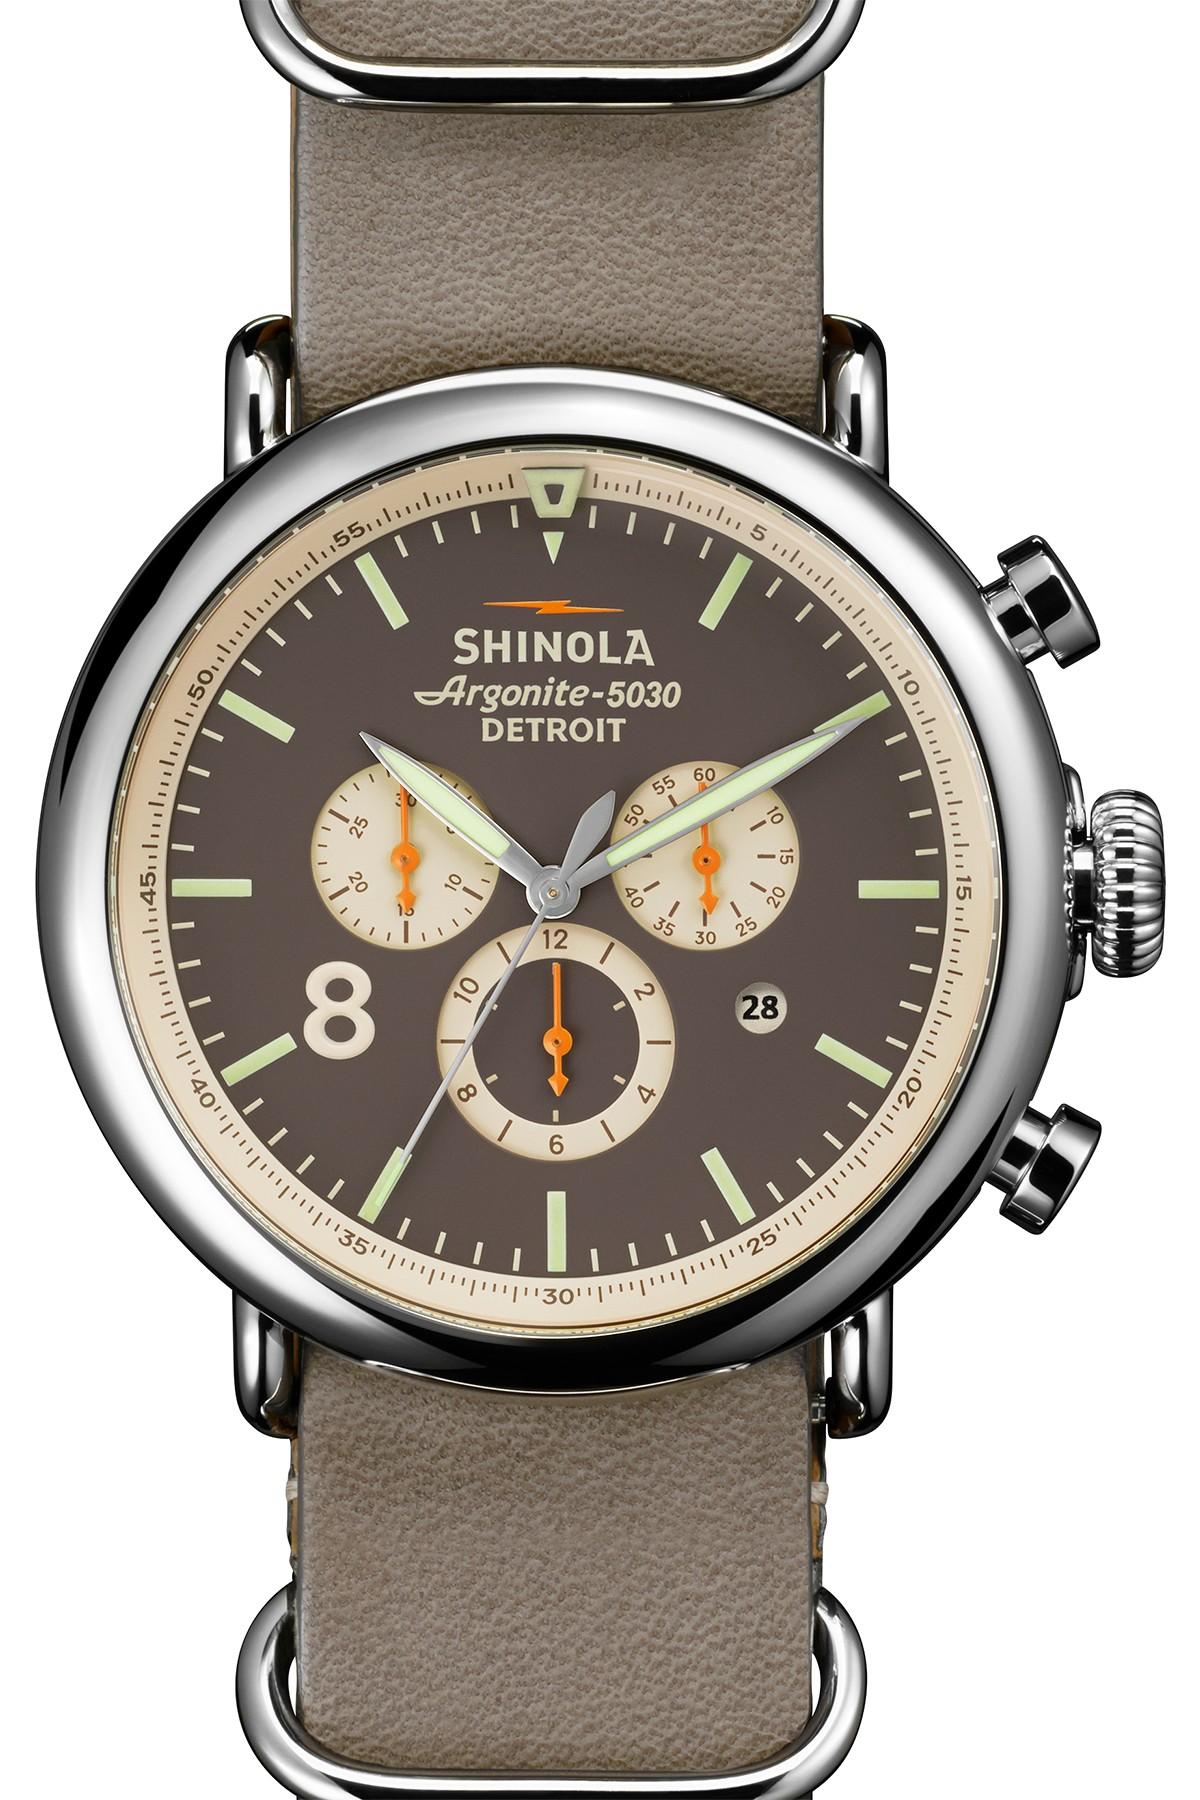 Shinola Ladies Watches | Shinola Watch | Buy Shinola